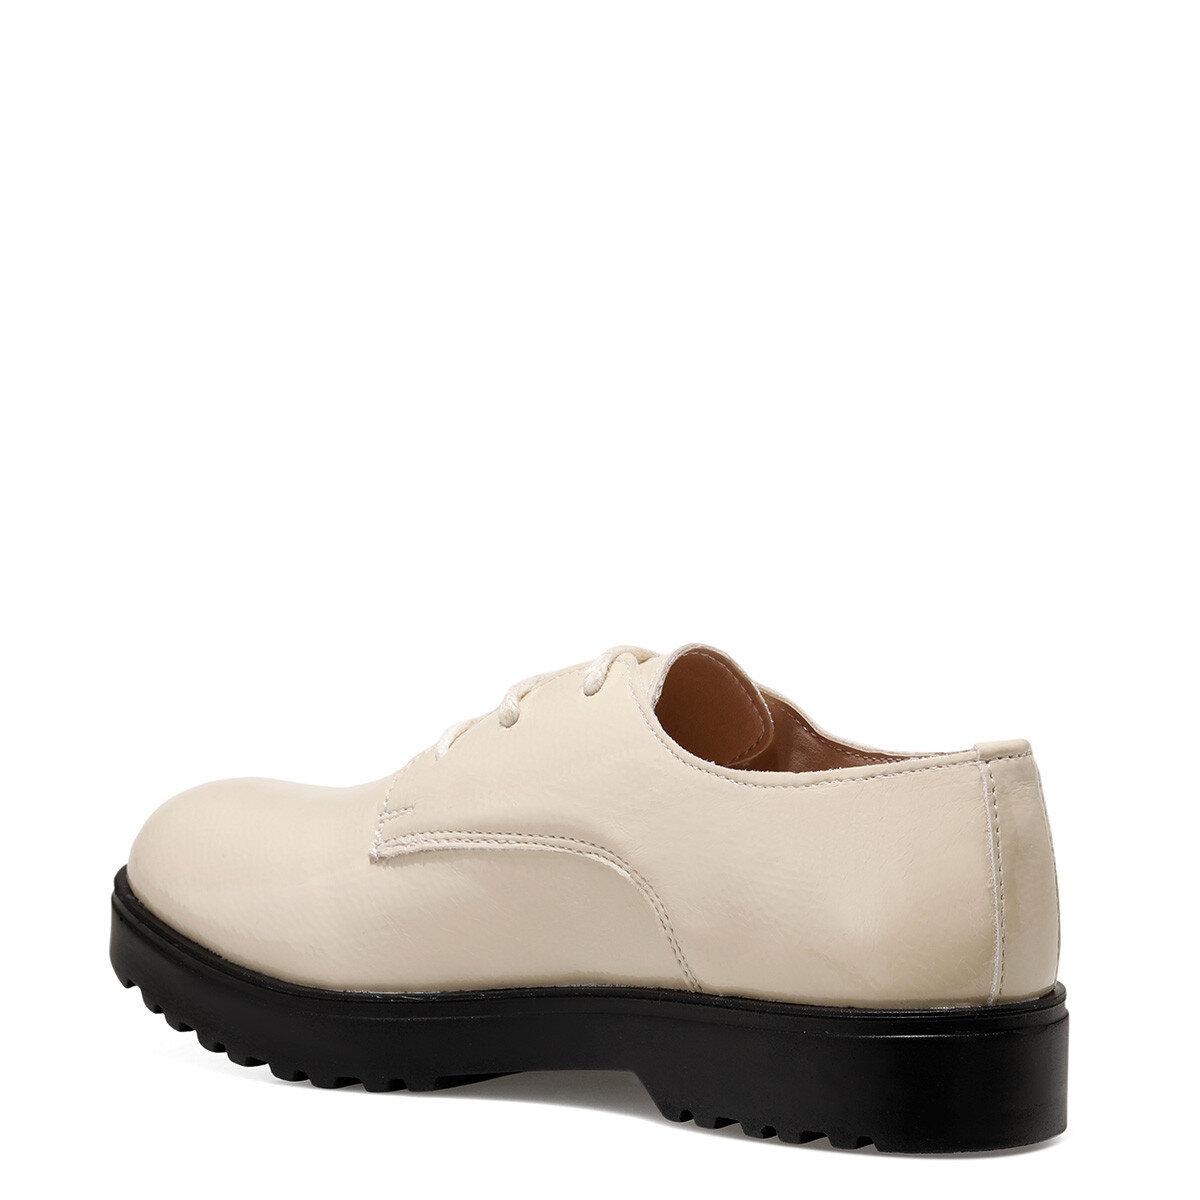 ZETTE KIRIKBEYAZ Kadın Maskulen Ayakkabı